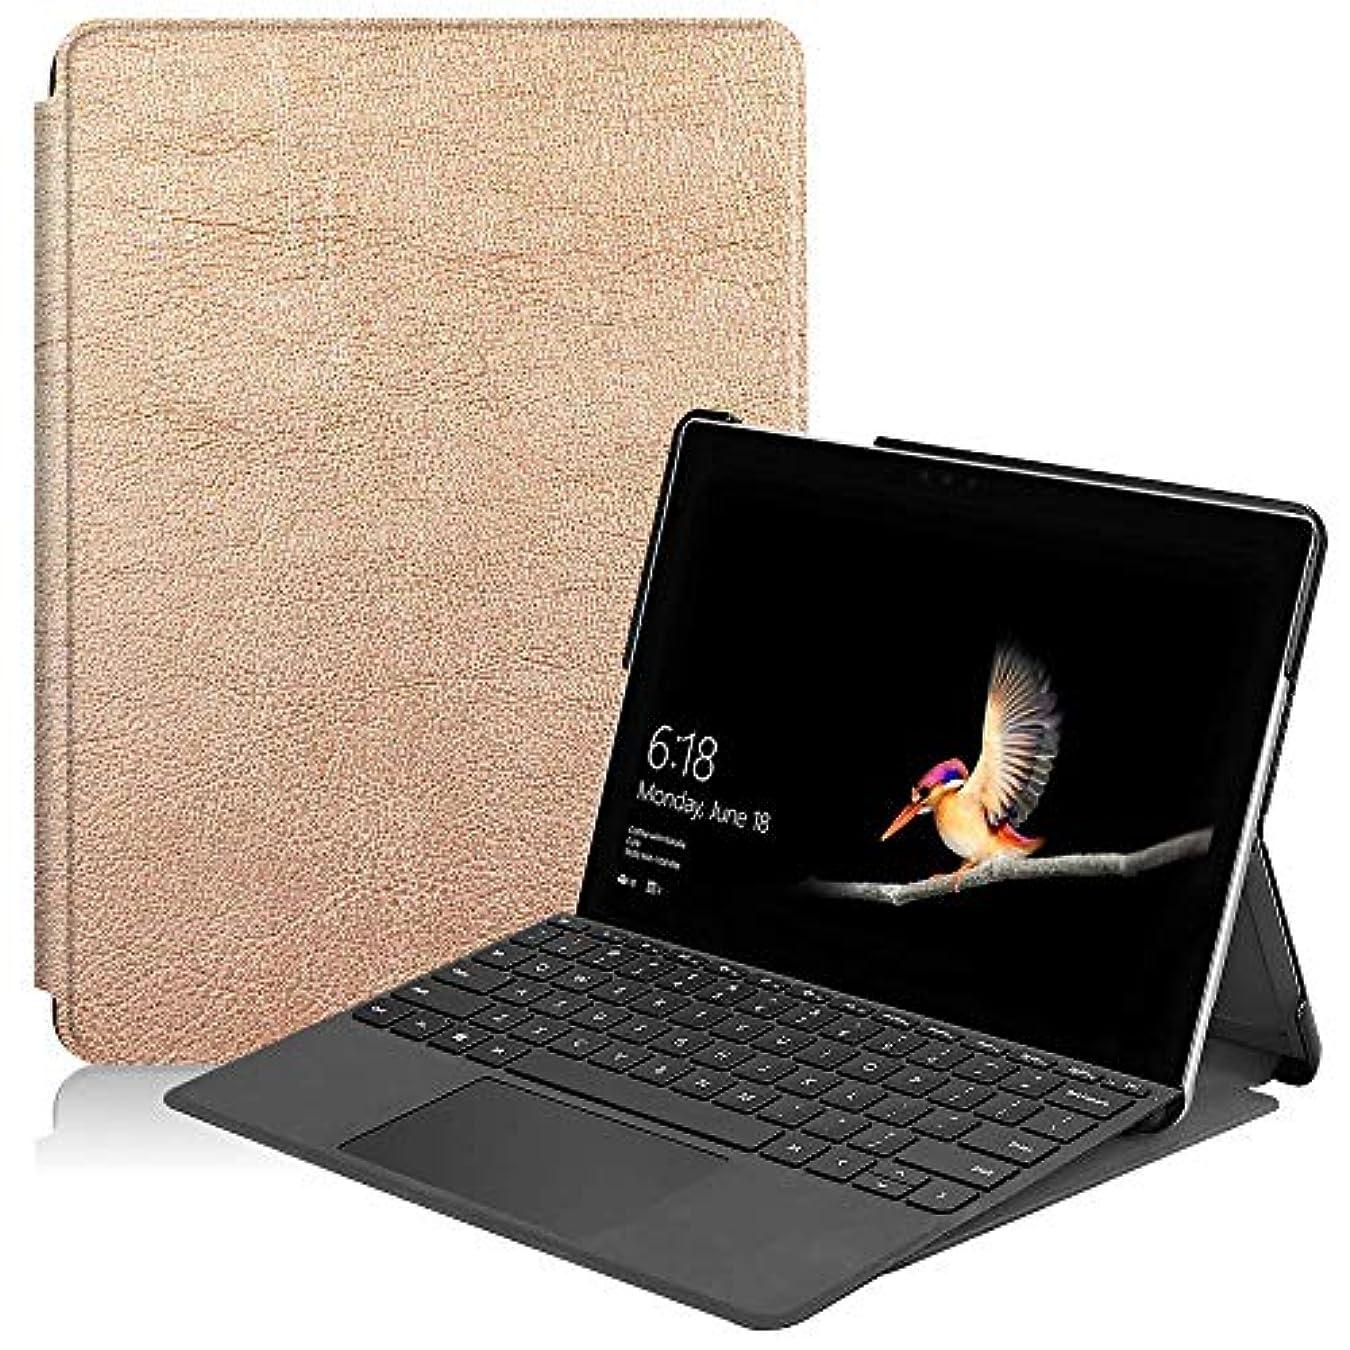 しわ魅惑的なアノイSurface Go ケース TopACE Surface Go カバー 超薄型 スマートケース スタンド機能付き 高級PU レザーケース Microsoft Surface Go対応 (ローズゴールド)